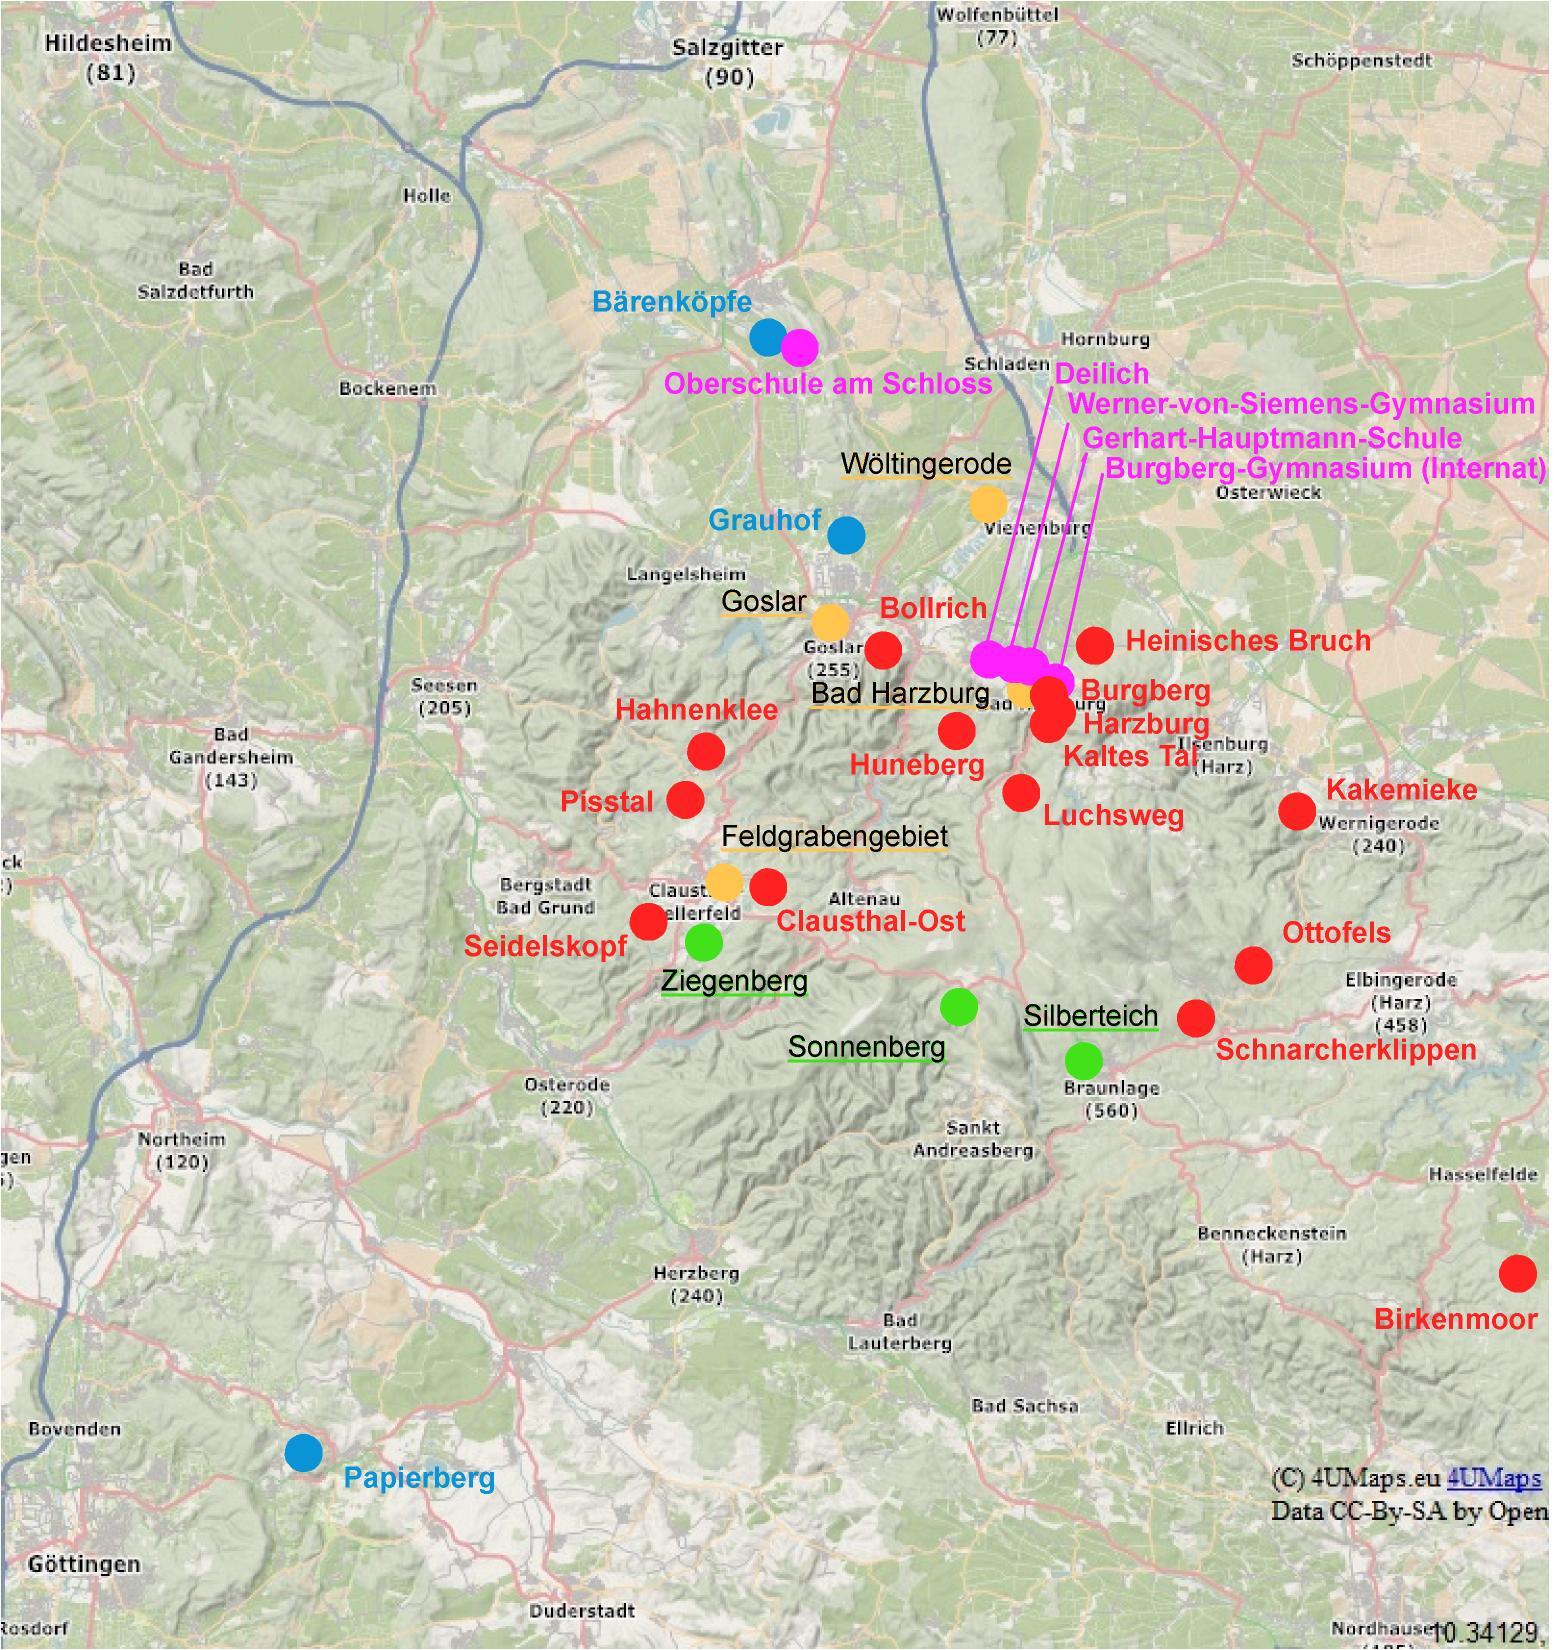 Ddr Grenze Karte Harz.Kartenverzeichnis Mtk Bad Harzburg